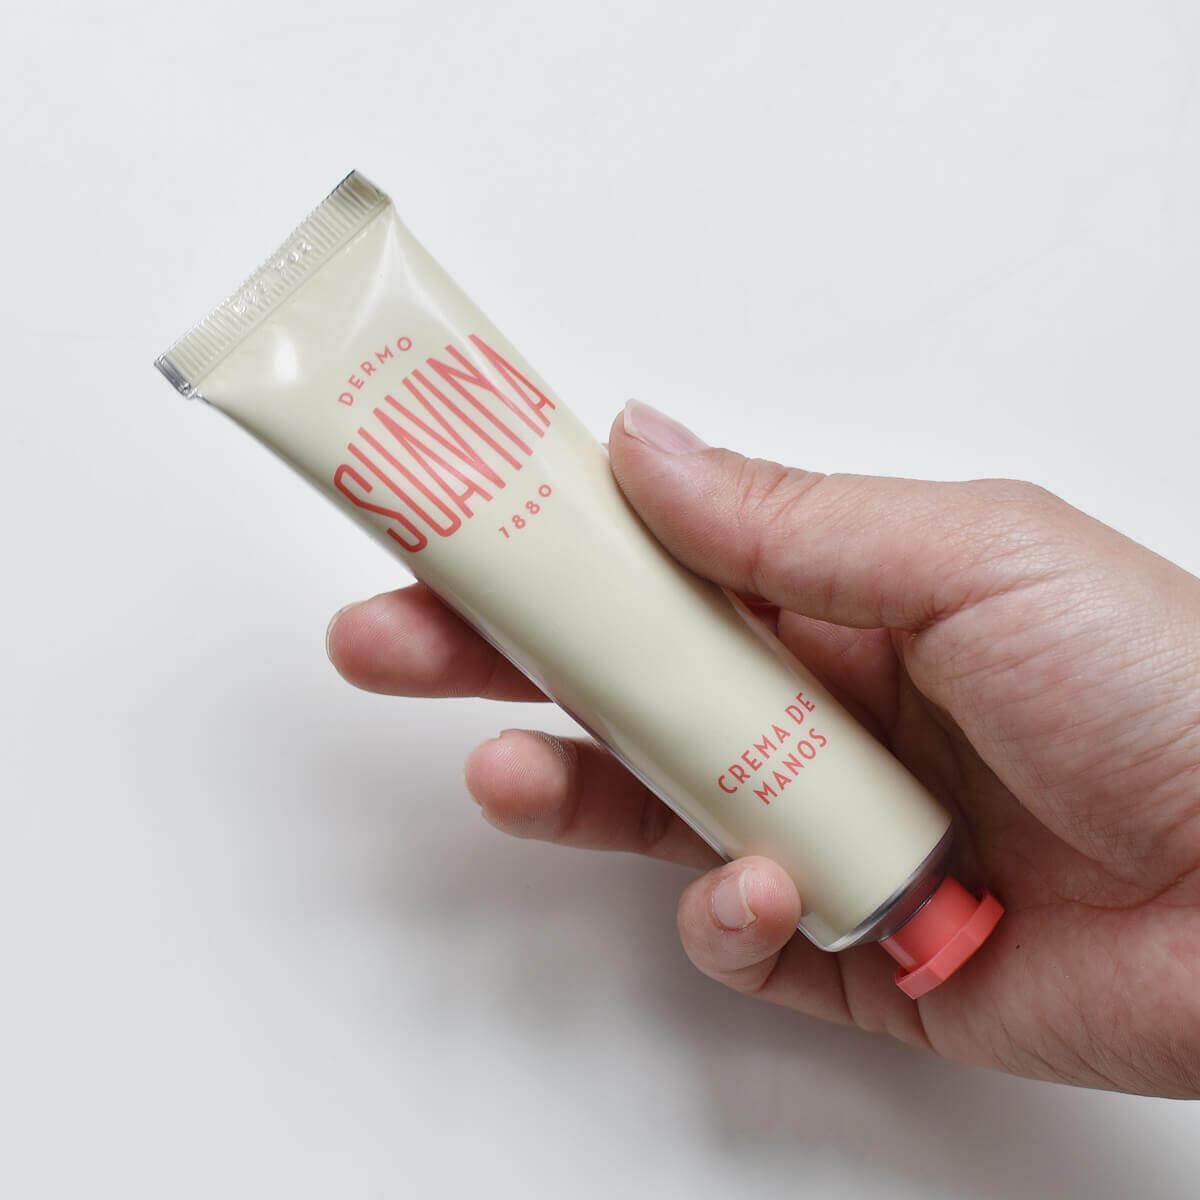 SUAVINA original hand cream